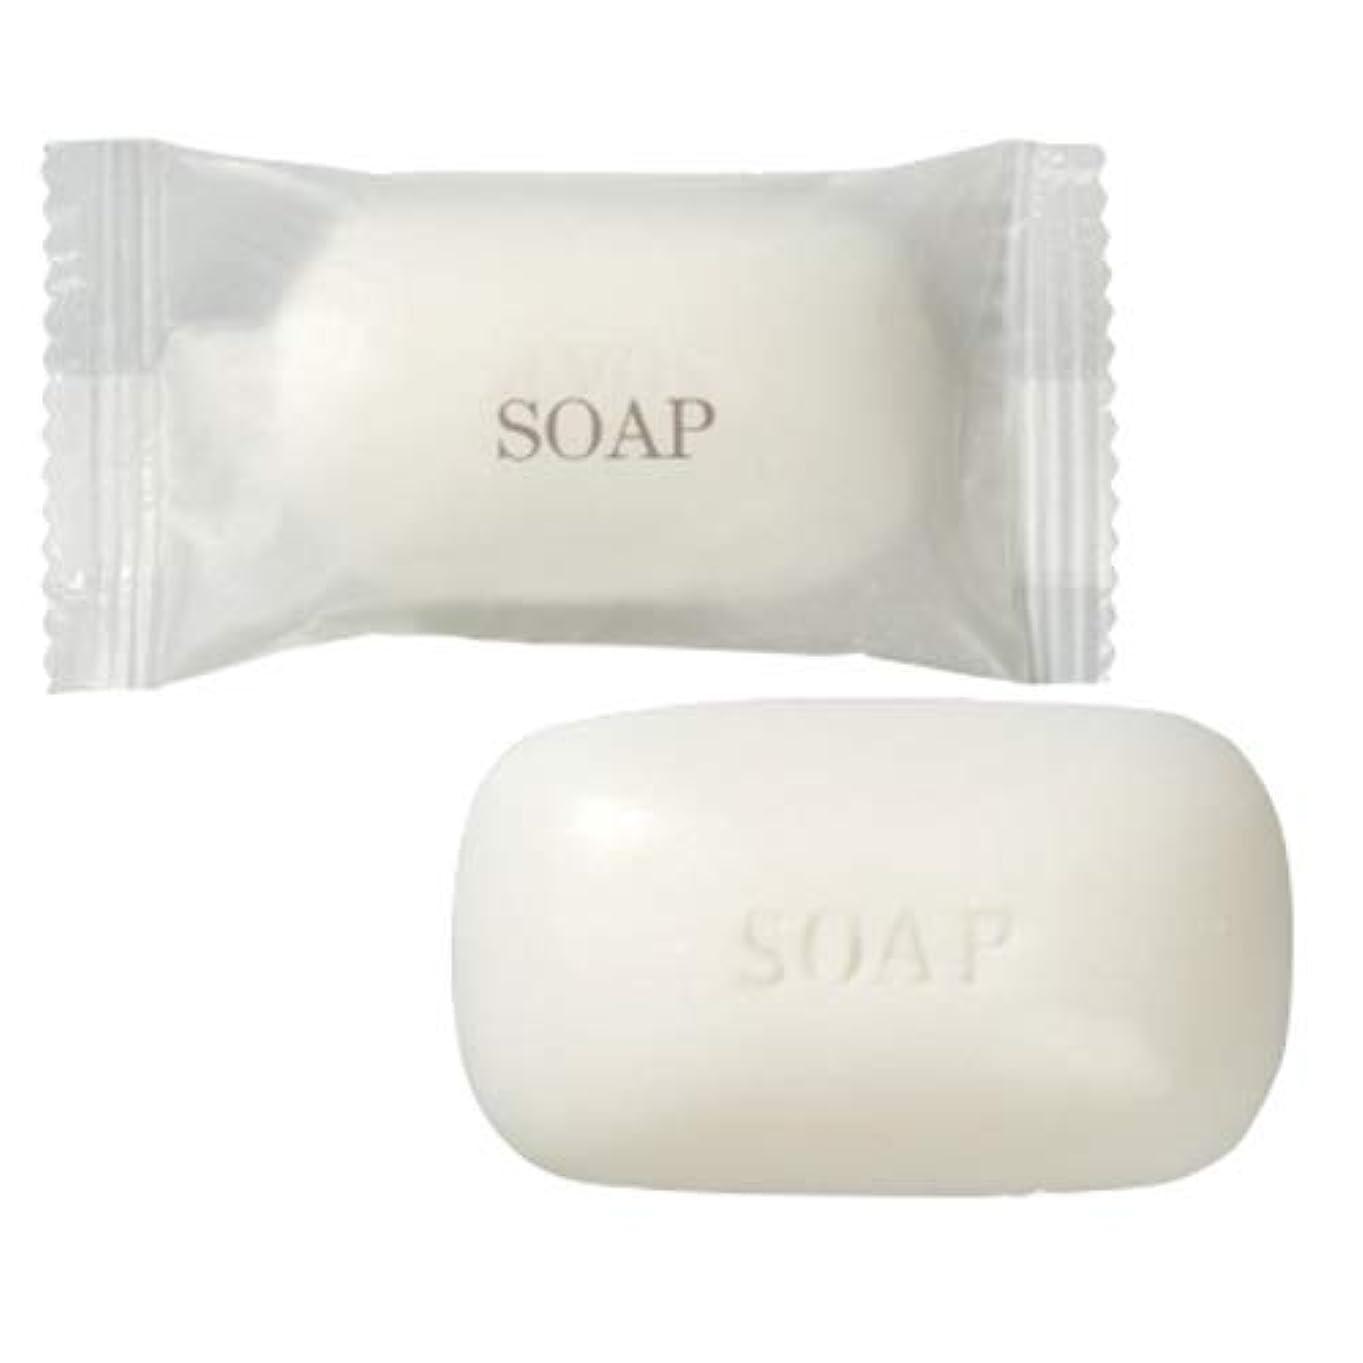 機密ポップ八業務用 フィードソープ(FEED SOAP) マット袋(M袋) 15g ×3個 | ホテルアメニティ 個包装